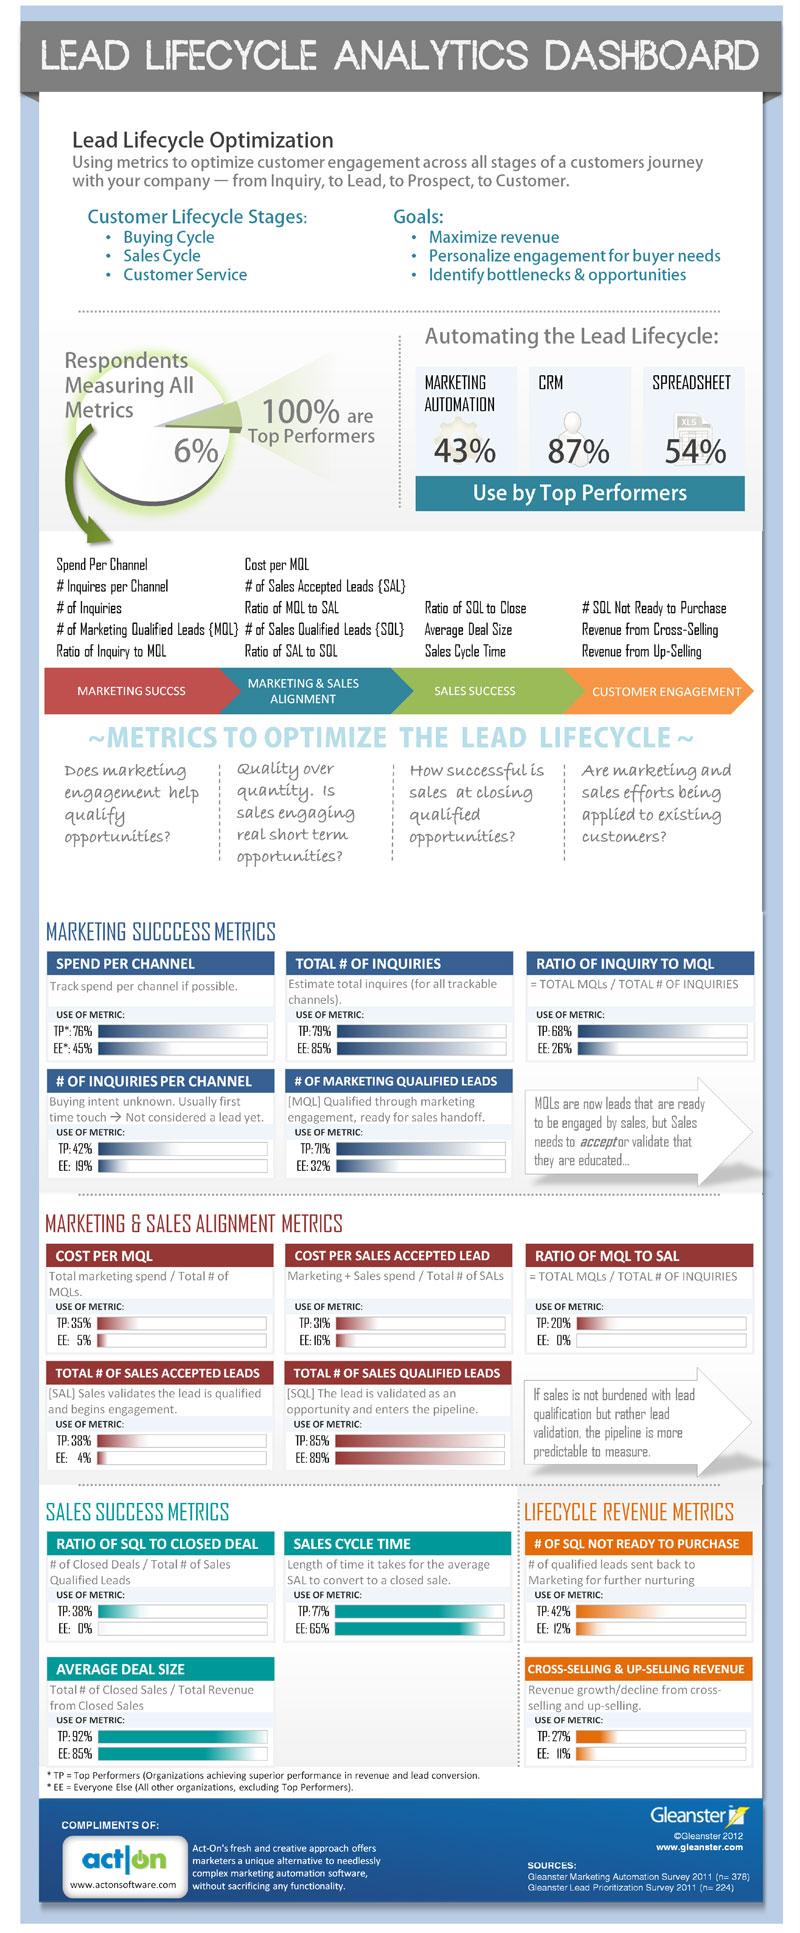 El ciclo de vida de un Lead